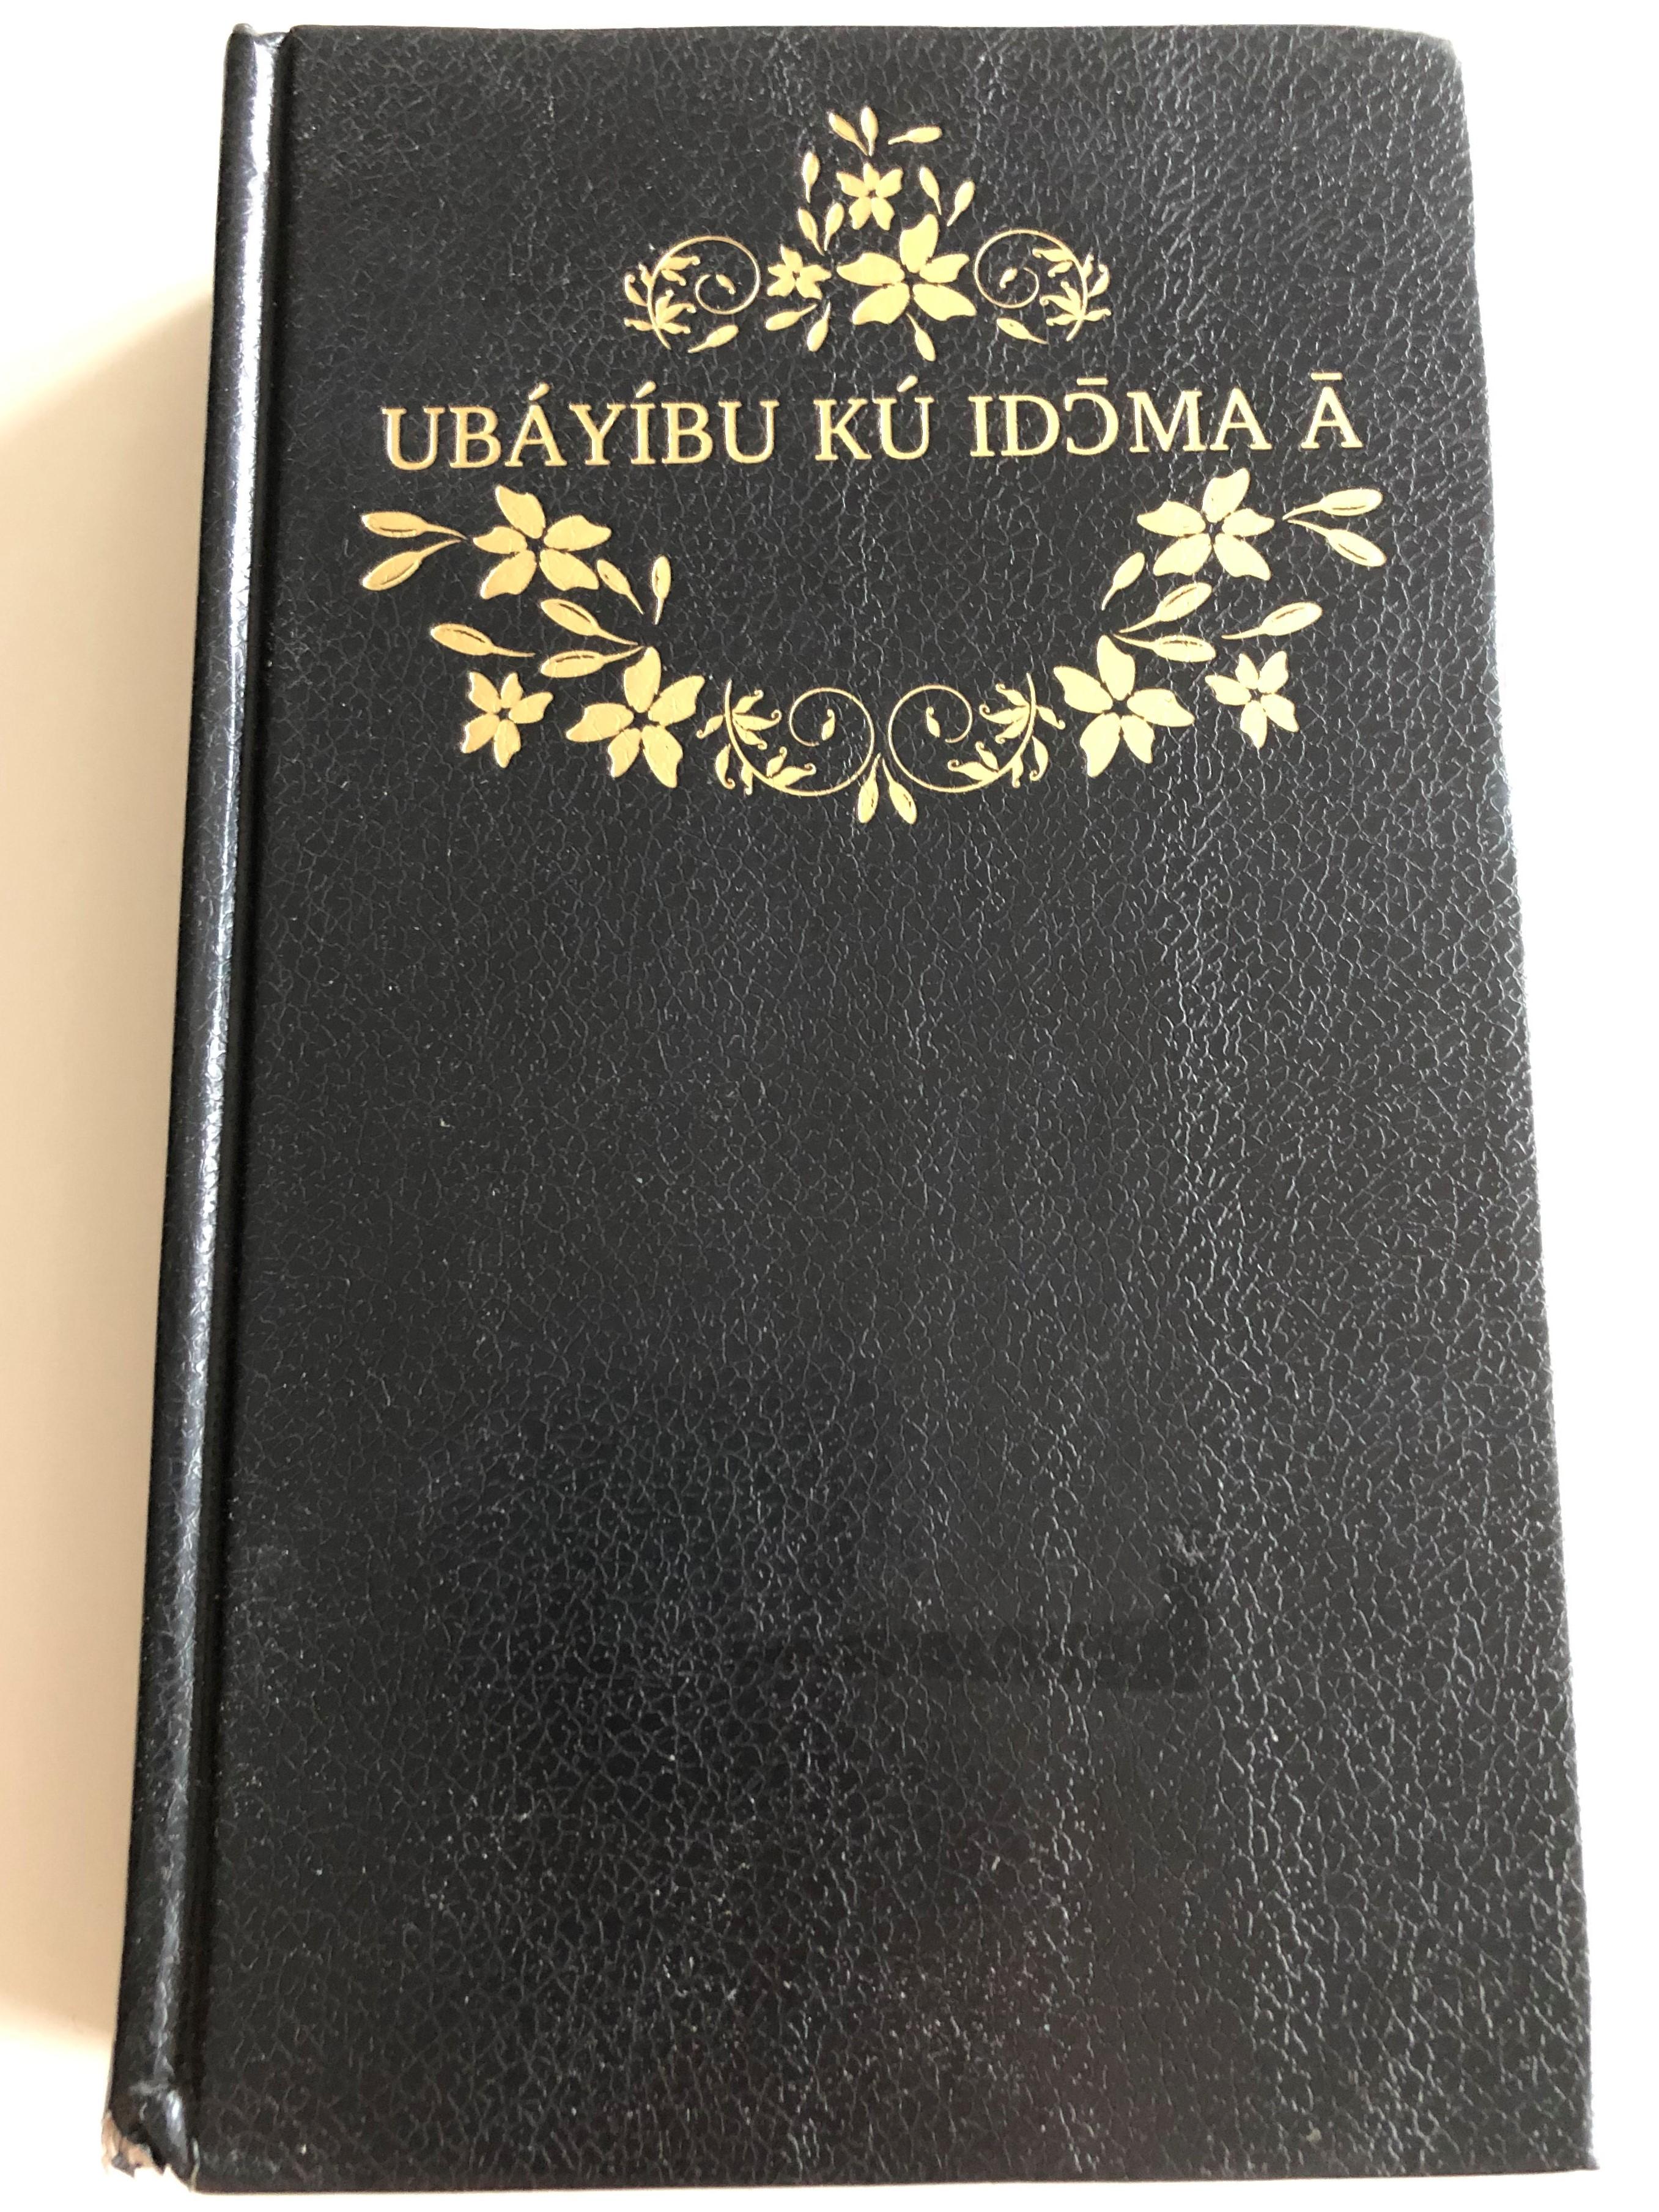 holy-bible-in-idoma-ub-y-bu-k-idoma-a-1.jpg